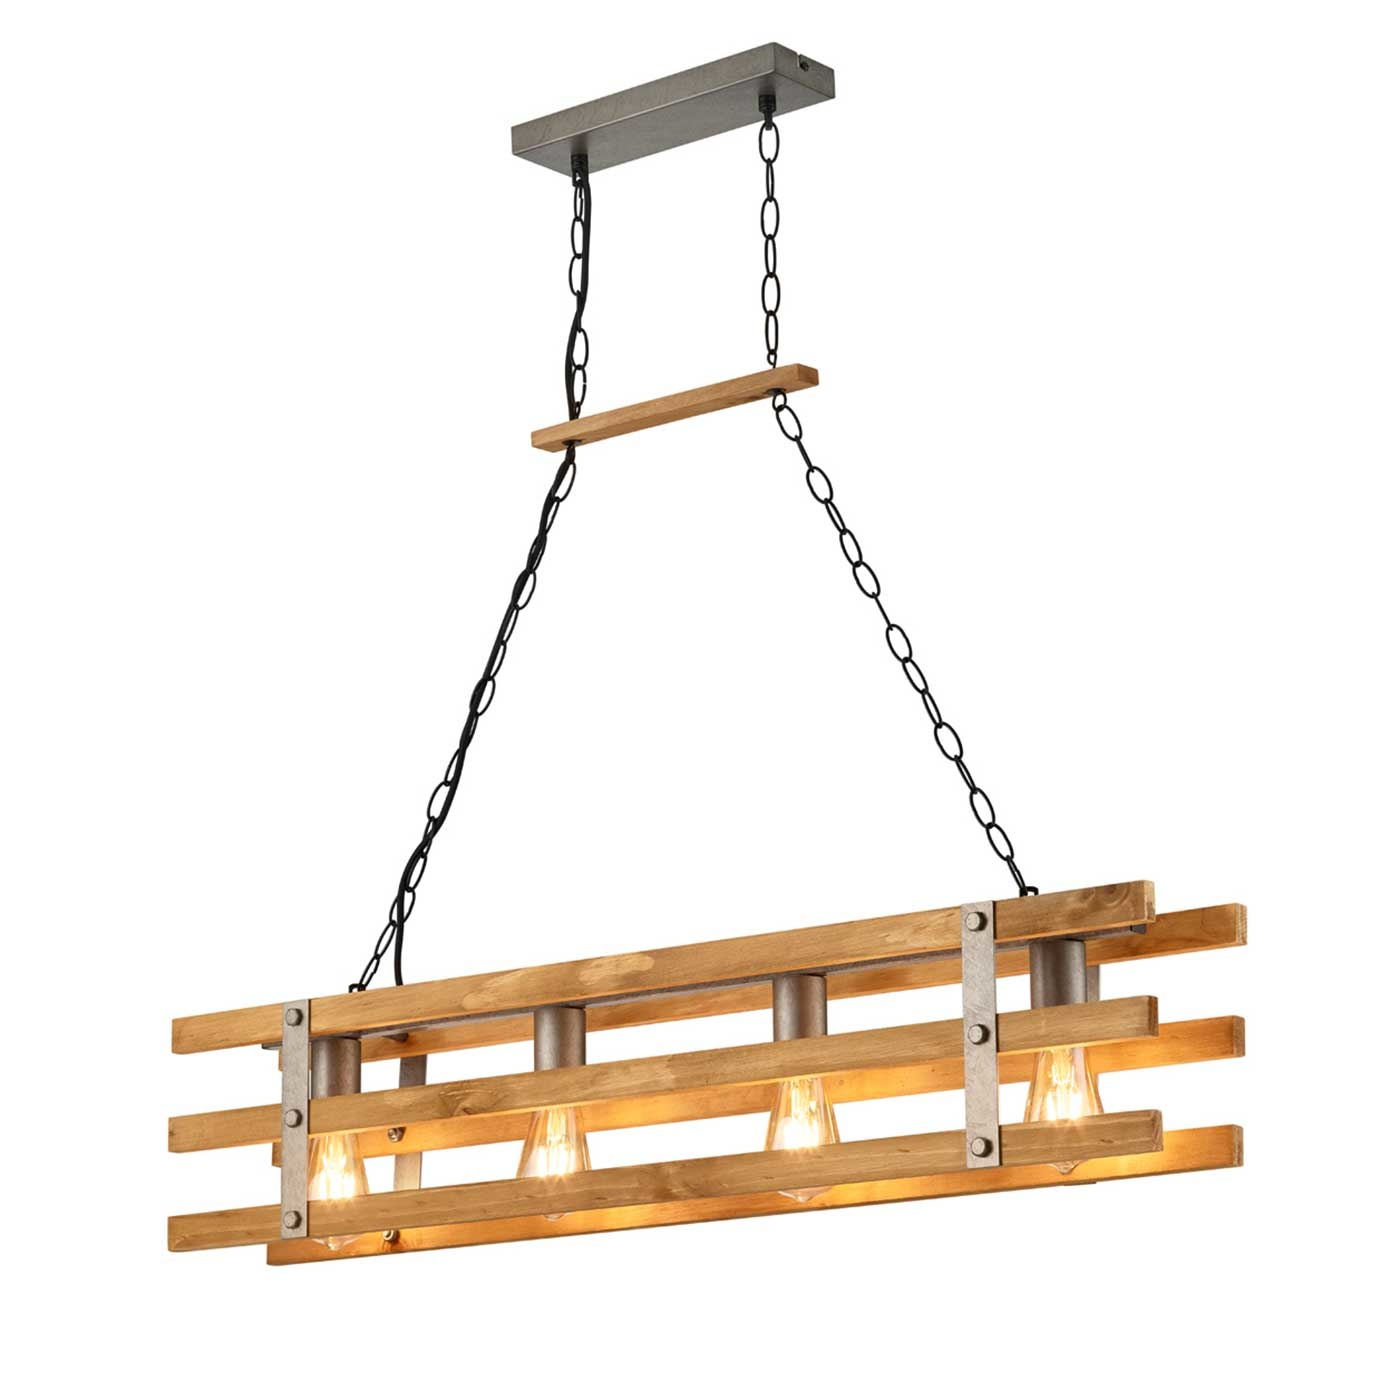 Trio Leuchten Hanglamp Khan L 100 cm hout - mat chroom